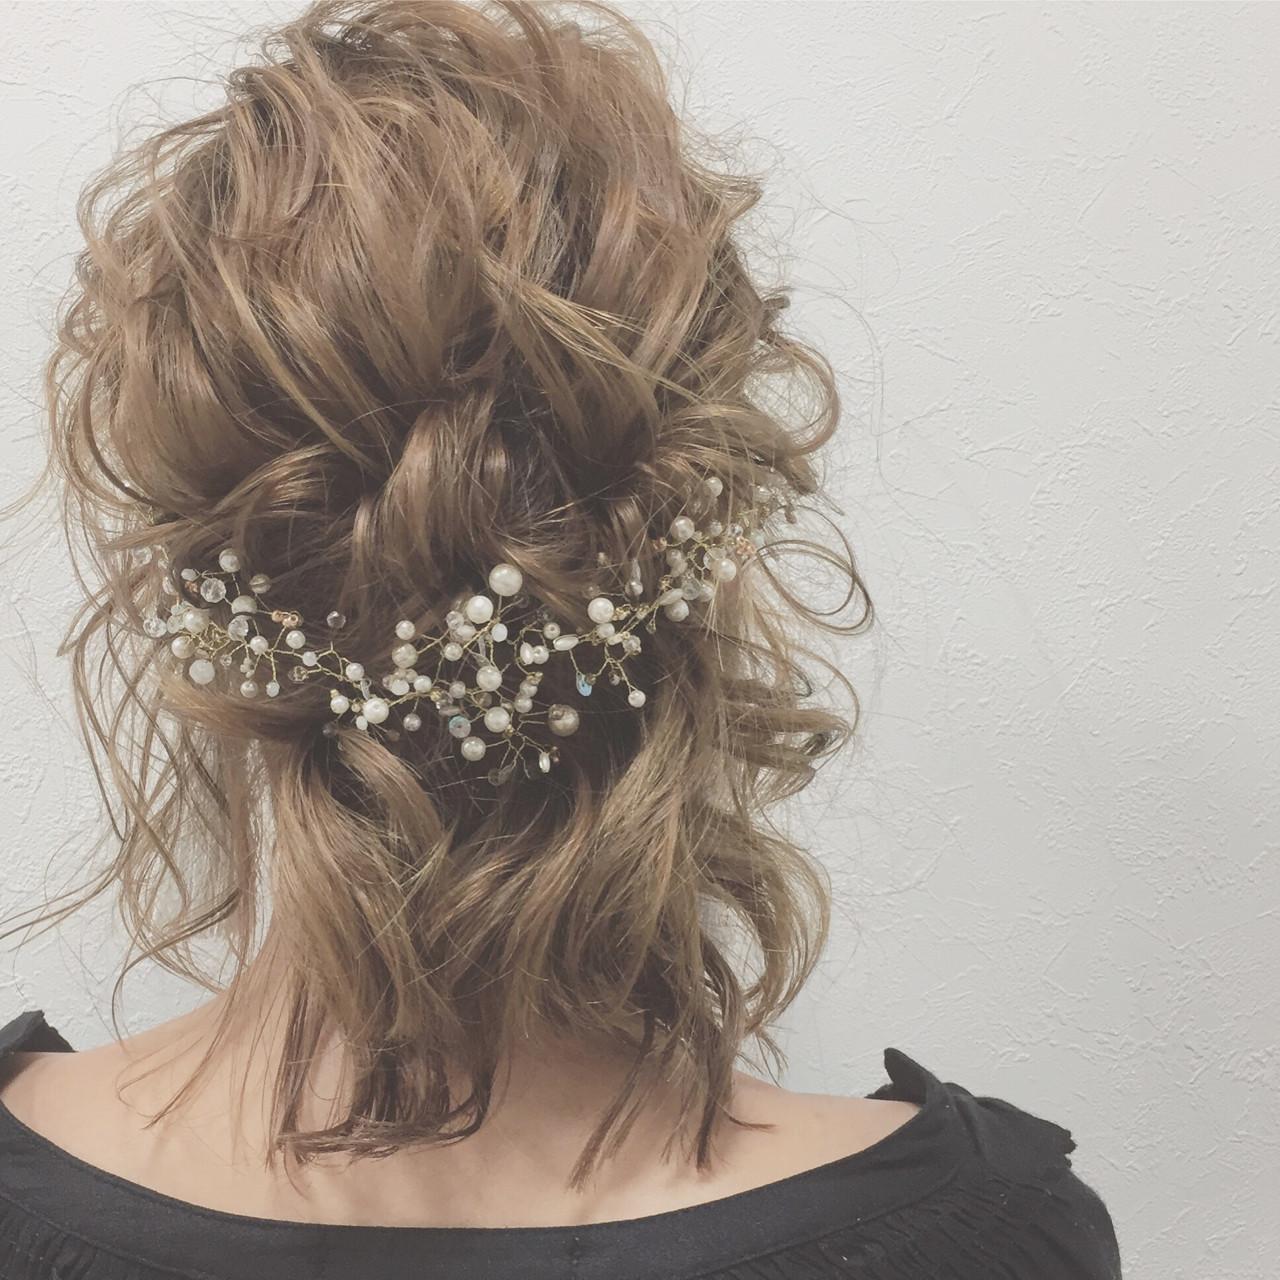 ヘアアレンジ 上品 結婚式 大人女子ヘアスタイルや髪型の写真・画像